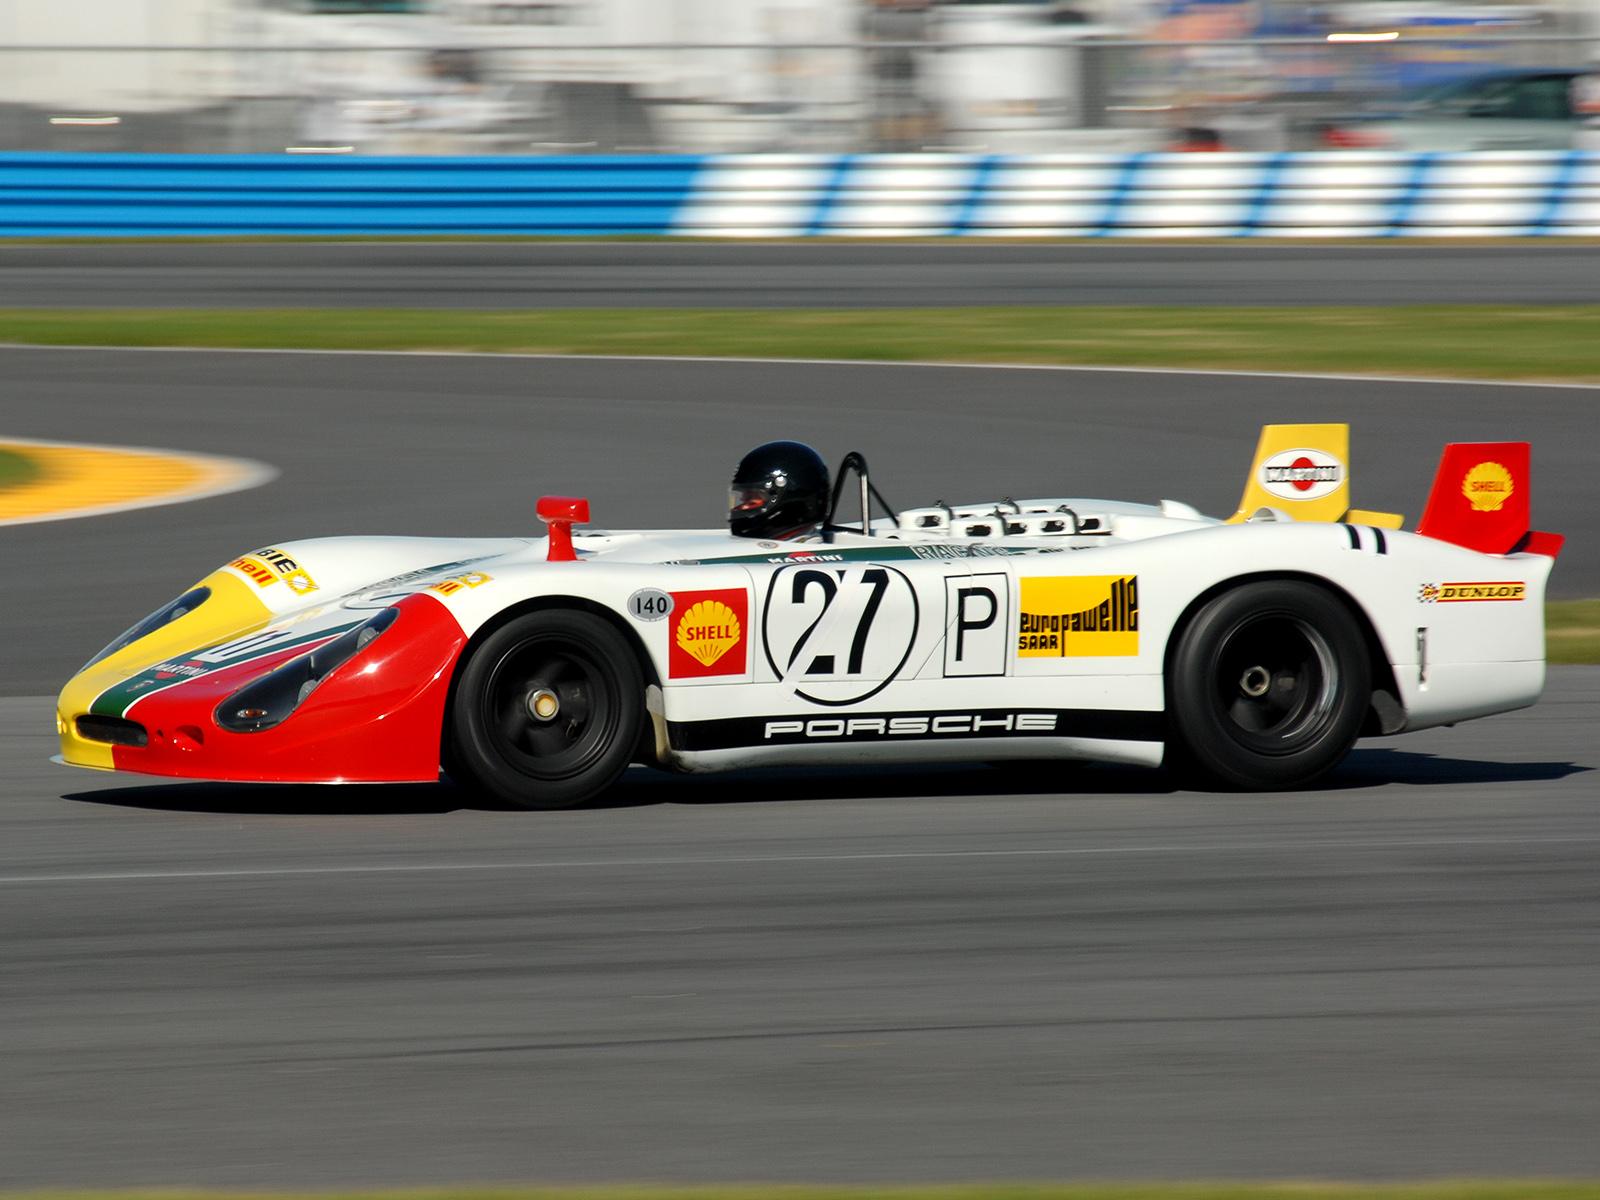 Porsche 908-02 Flunder - 1600x1200